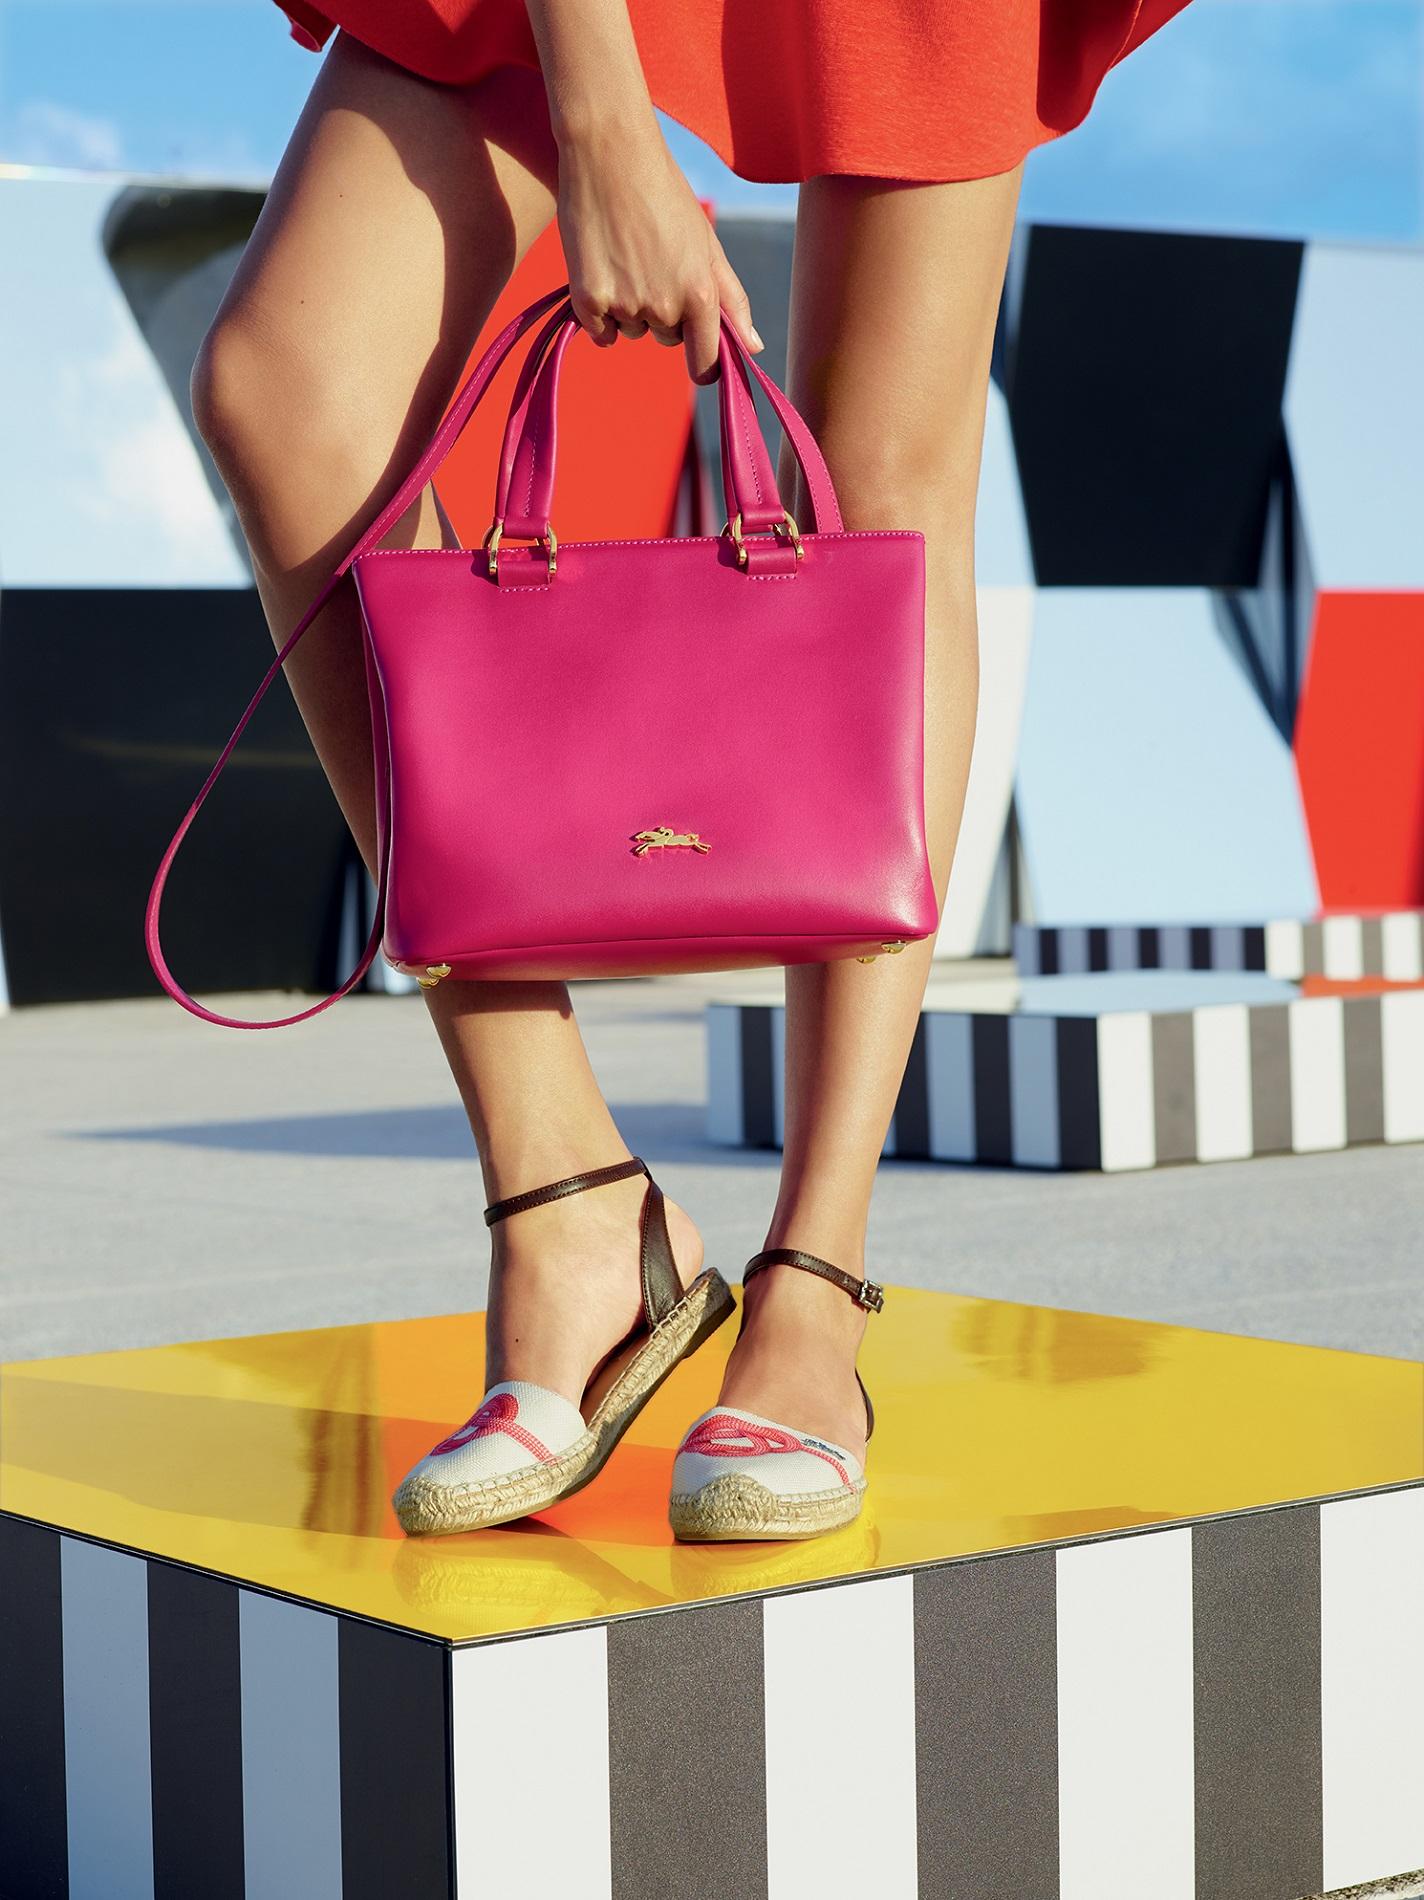 2. Longchamp Honoré 404,搶眼的桃紅色輕而易舉成為眾人注目的焦點